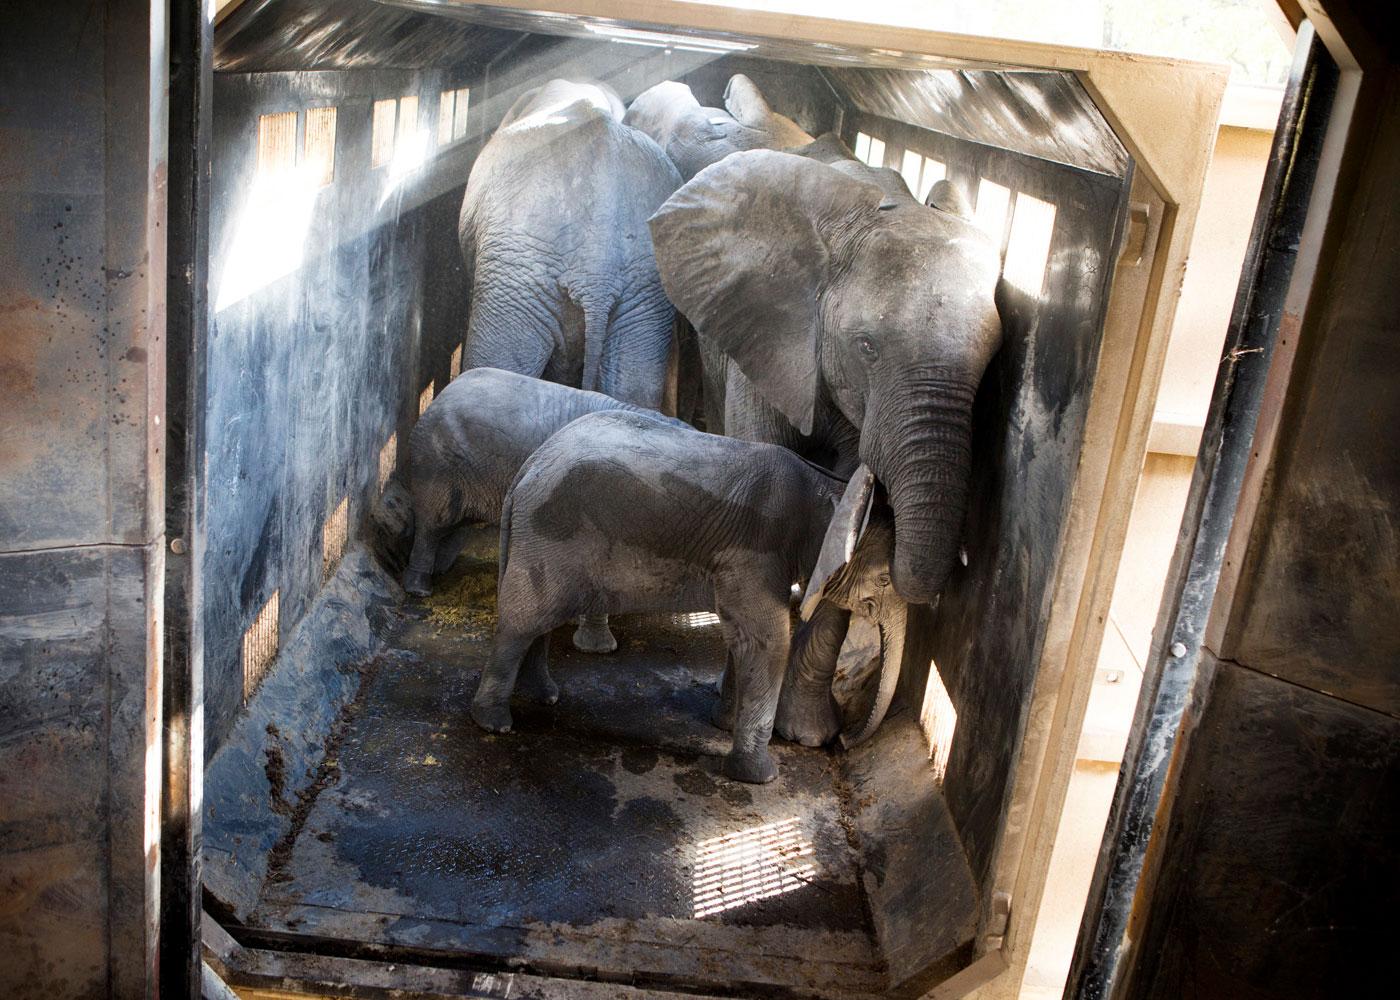 Elefanten in einer Transportkiste, bereit zur Umsiedlung, Malawi © Julius Schrank